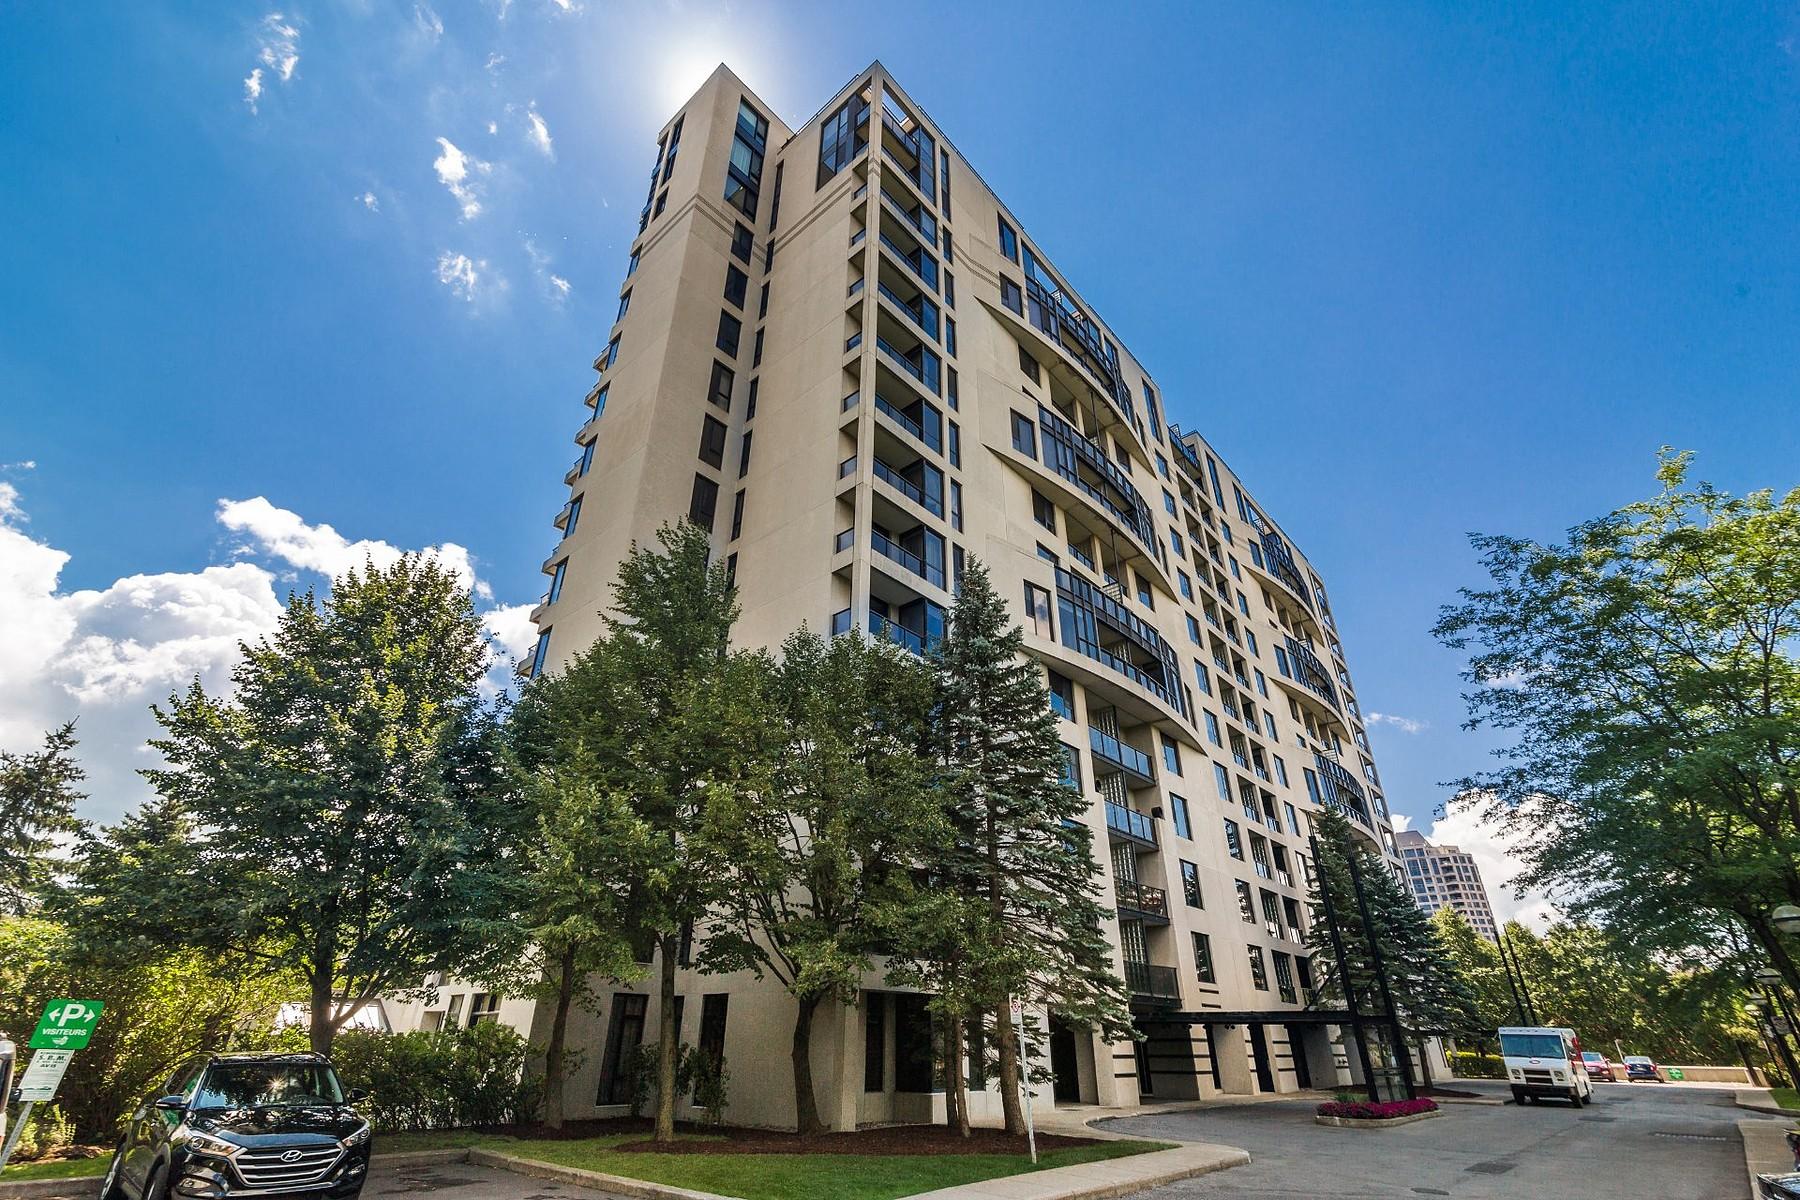 共管式独立产权公寓 为 销售 在 UnIque transversal condo 100 Rue Hall, Apt. 1204, 凡尔登, 魁北克省, H3E1B3 加拿大